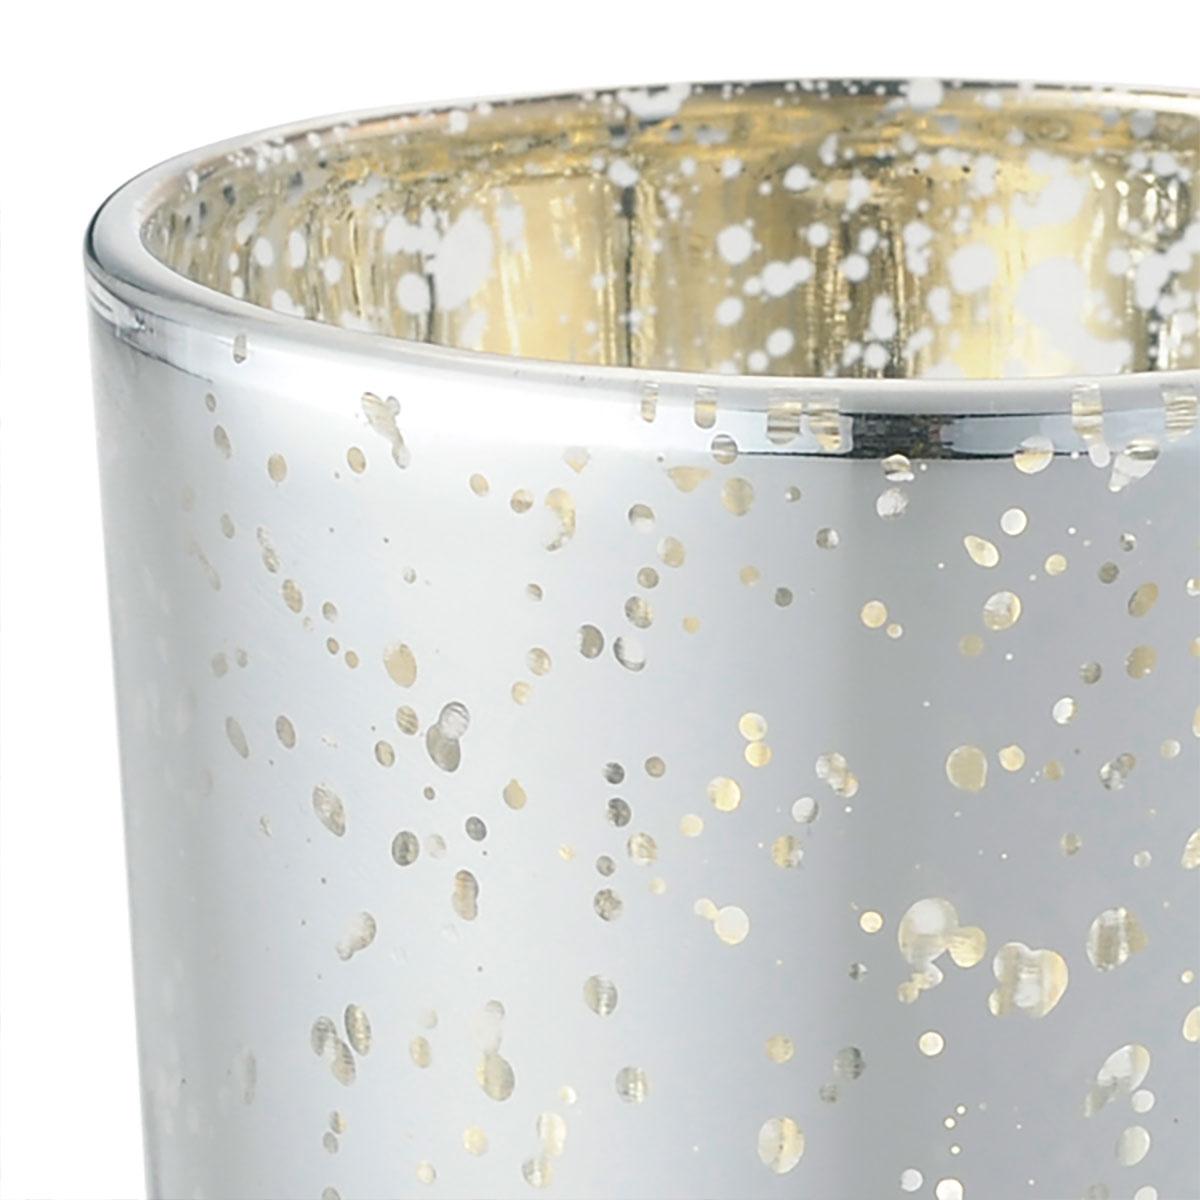 ヤンキーキャンドル YANKEE CANDLE 正規販売店 グラス ヴィンテージ(ビンテージ)グラス シルバー (J5560000SI) A49B B3C C3D D0E E00F